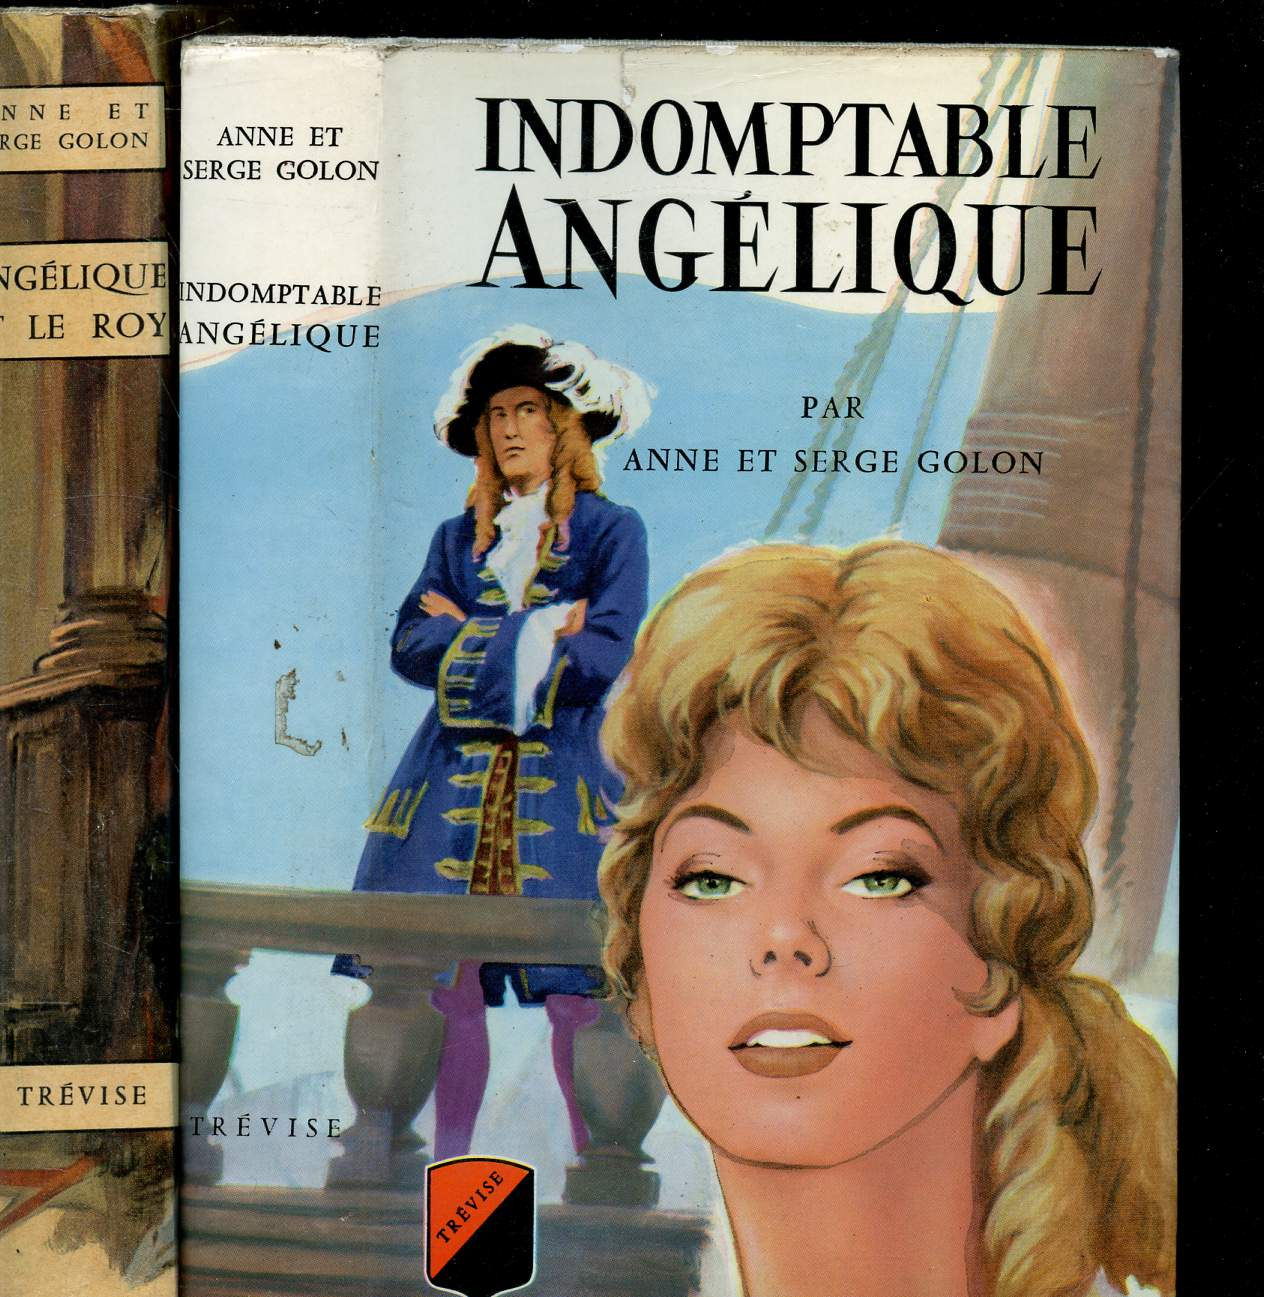 LOT 11 LIVRES : LA VICTOIRE D'ANGELIQUE, ANGELIQUE LE ROUTE DE L'ESPOIR, ANGELIQUE A QUEBEC, ANGELIQUE ET LE COMPLOT DES OMBRES, ANGELIQUE ET LE ROY, INDOMPTABLE ANGELIQUE, ANGELIQUE SE REVOLTE, ANGELIQUE ET SON AMOUR, ANGELIQUE ET LE NOUVEAU MONDE...